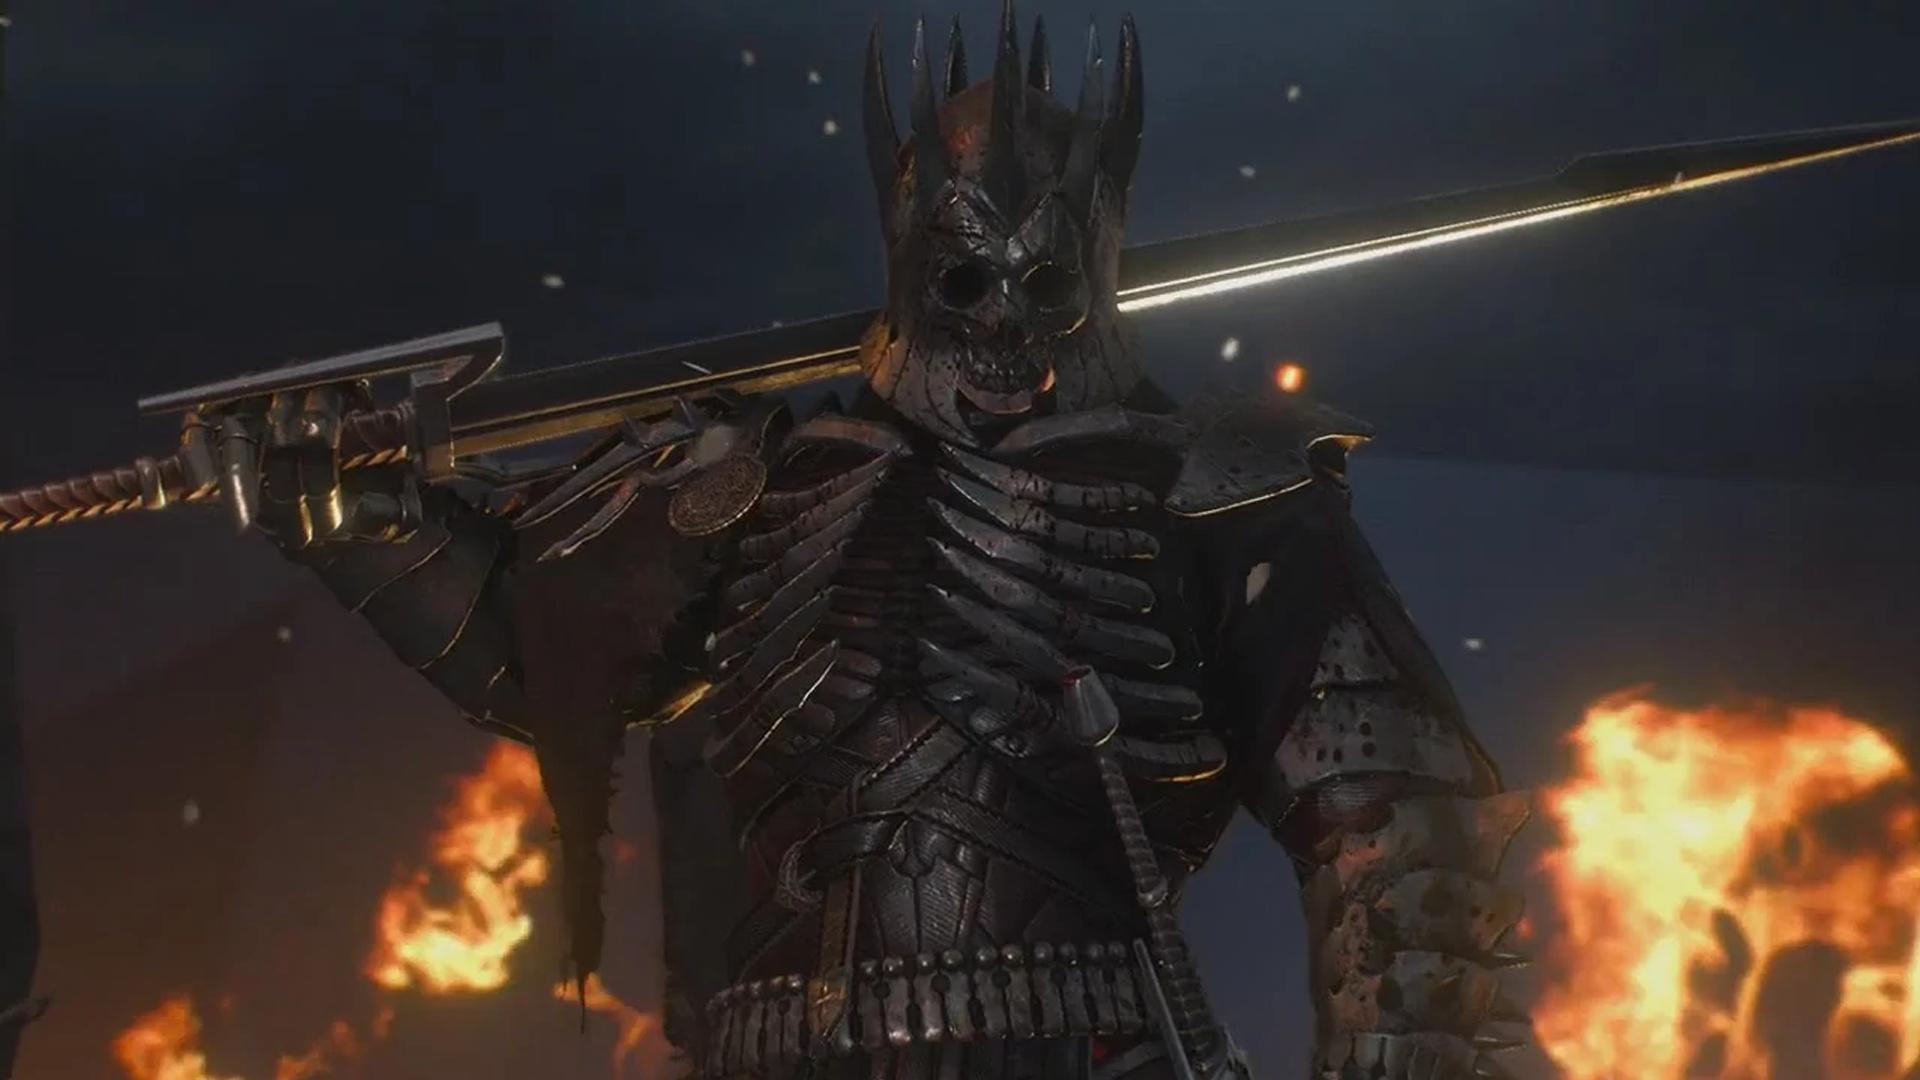 The Witcher 3 needs a better final boss | PCGamesN